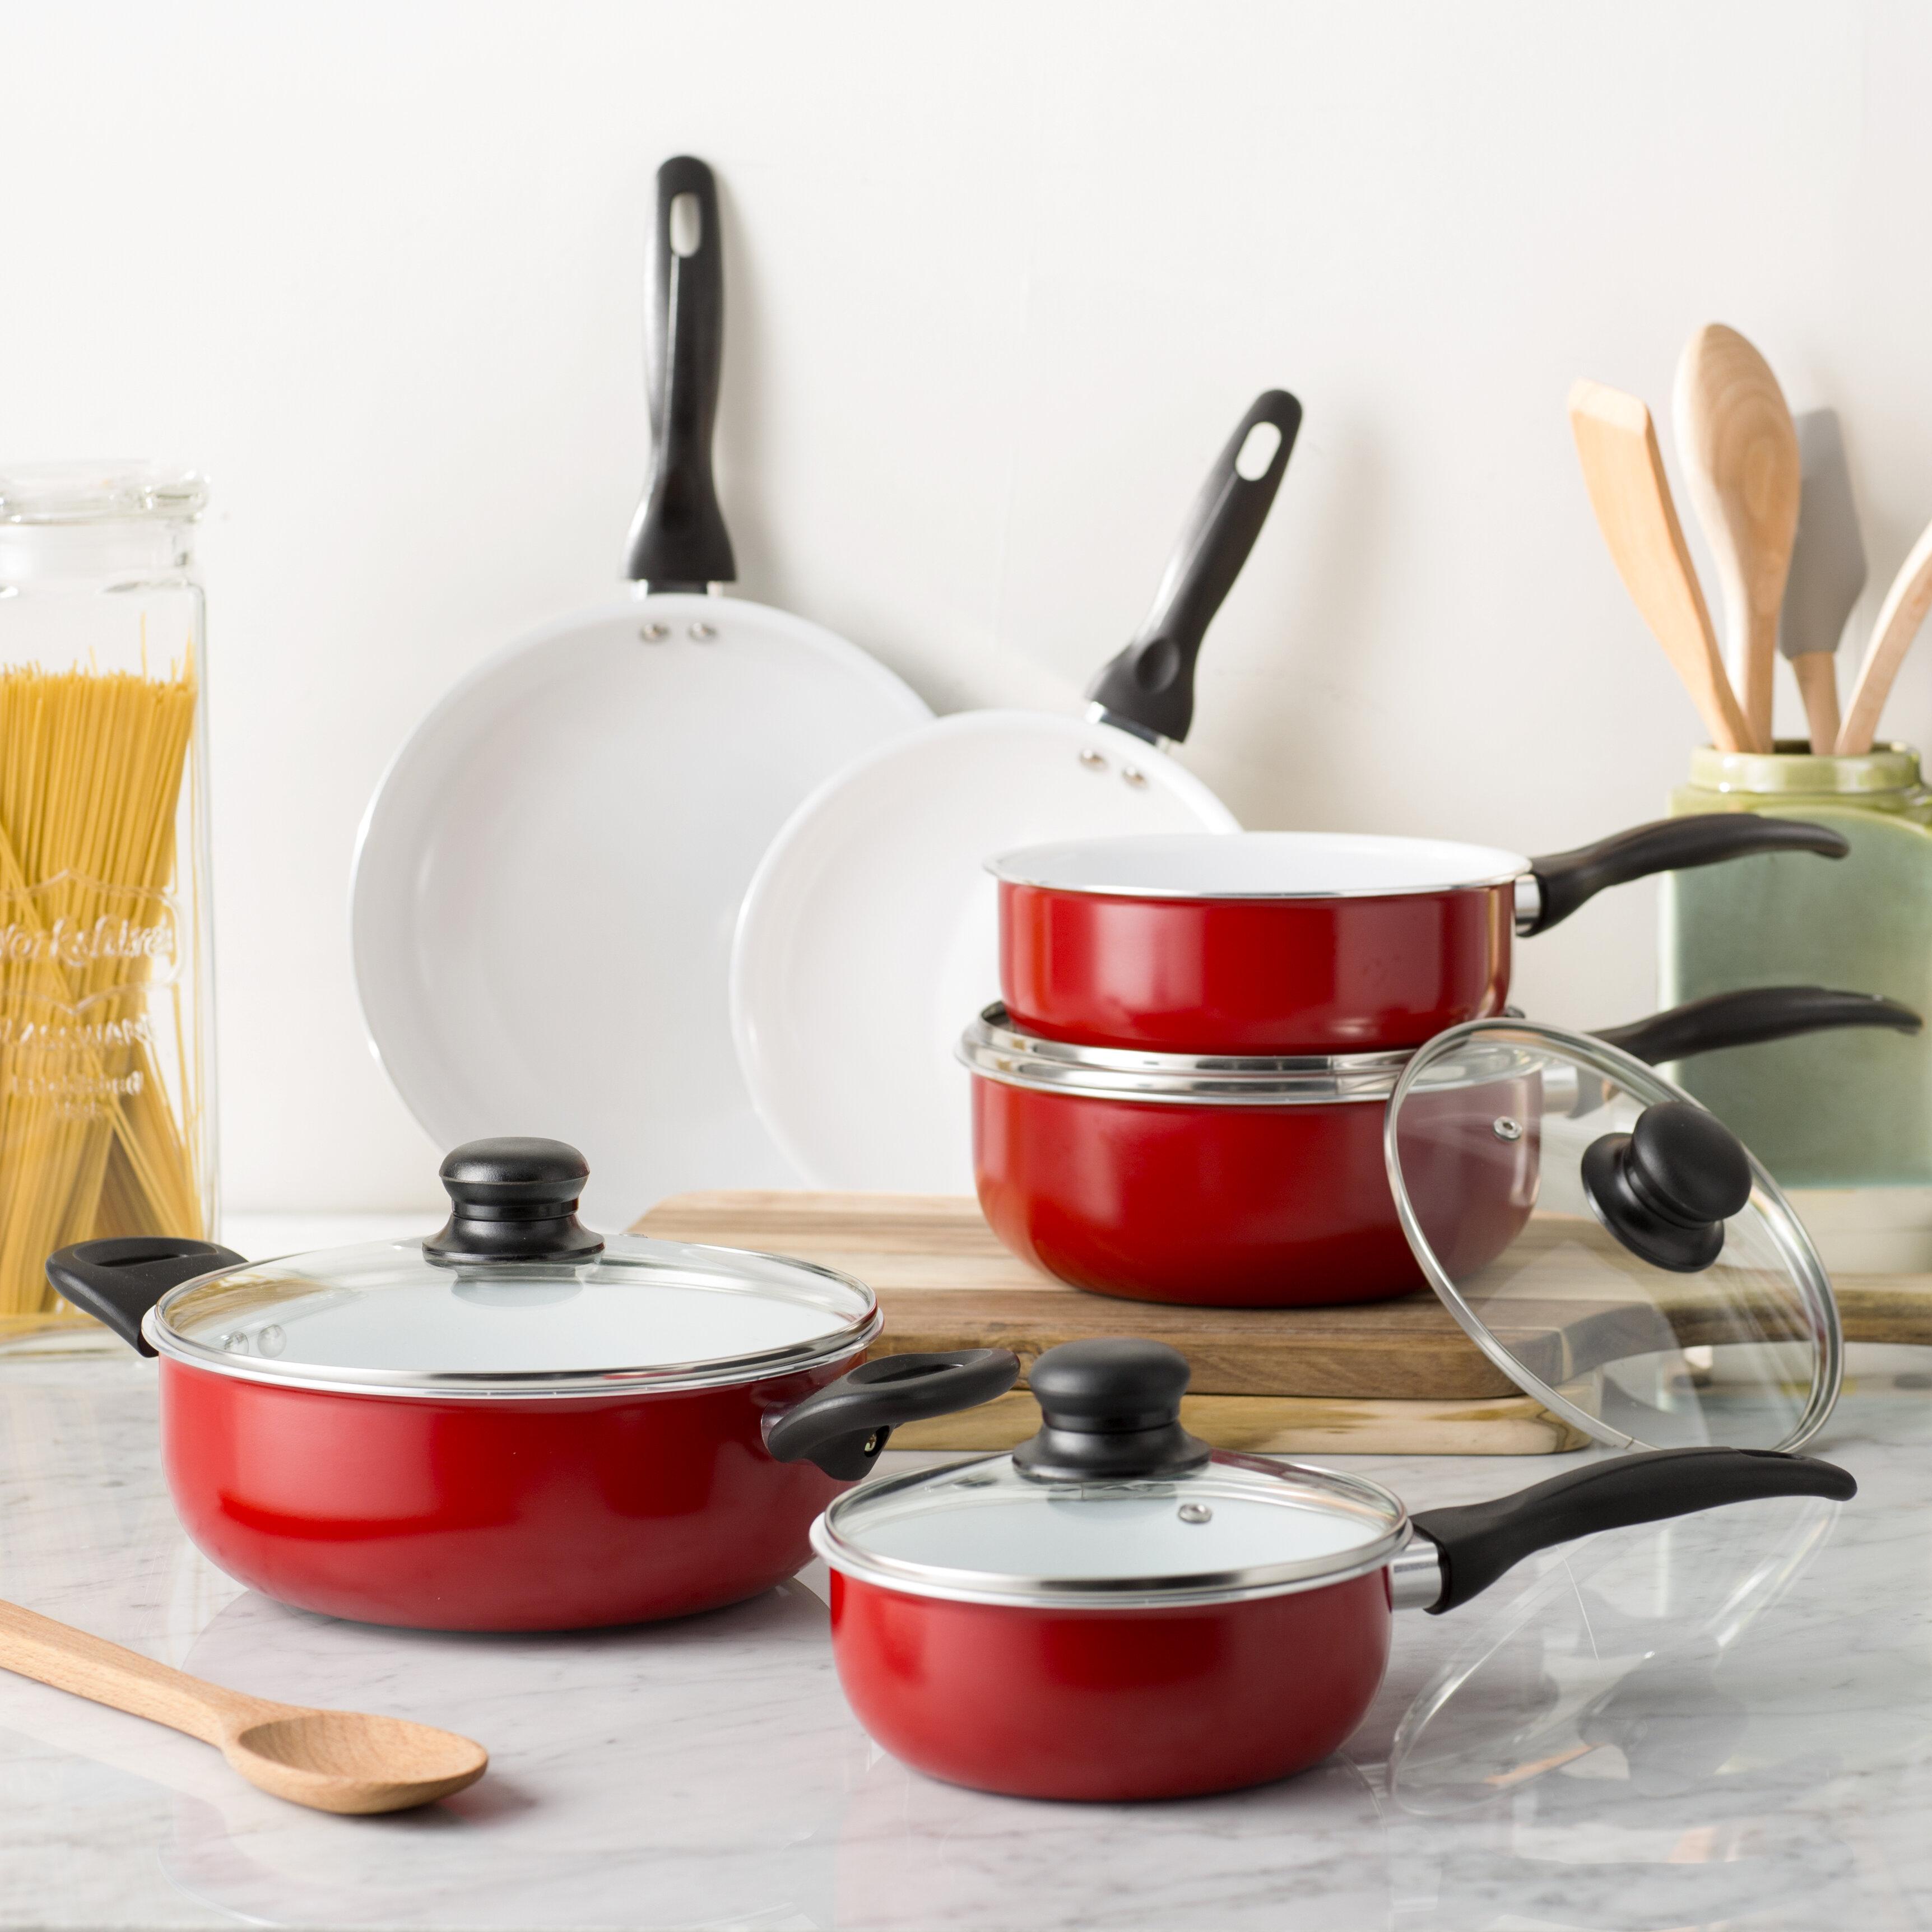 Wayfair Basics™ 4 Piece Ceramic Non Stick Cookware Set